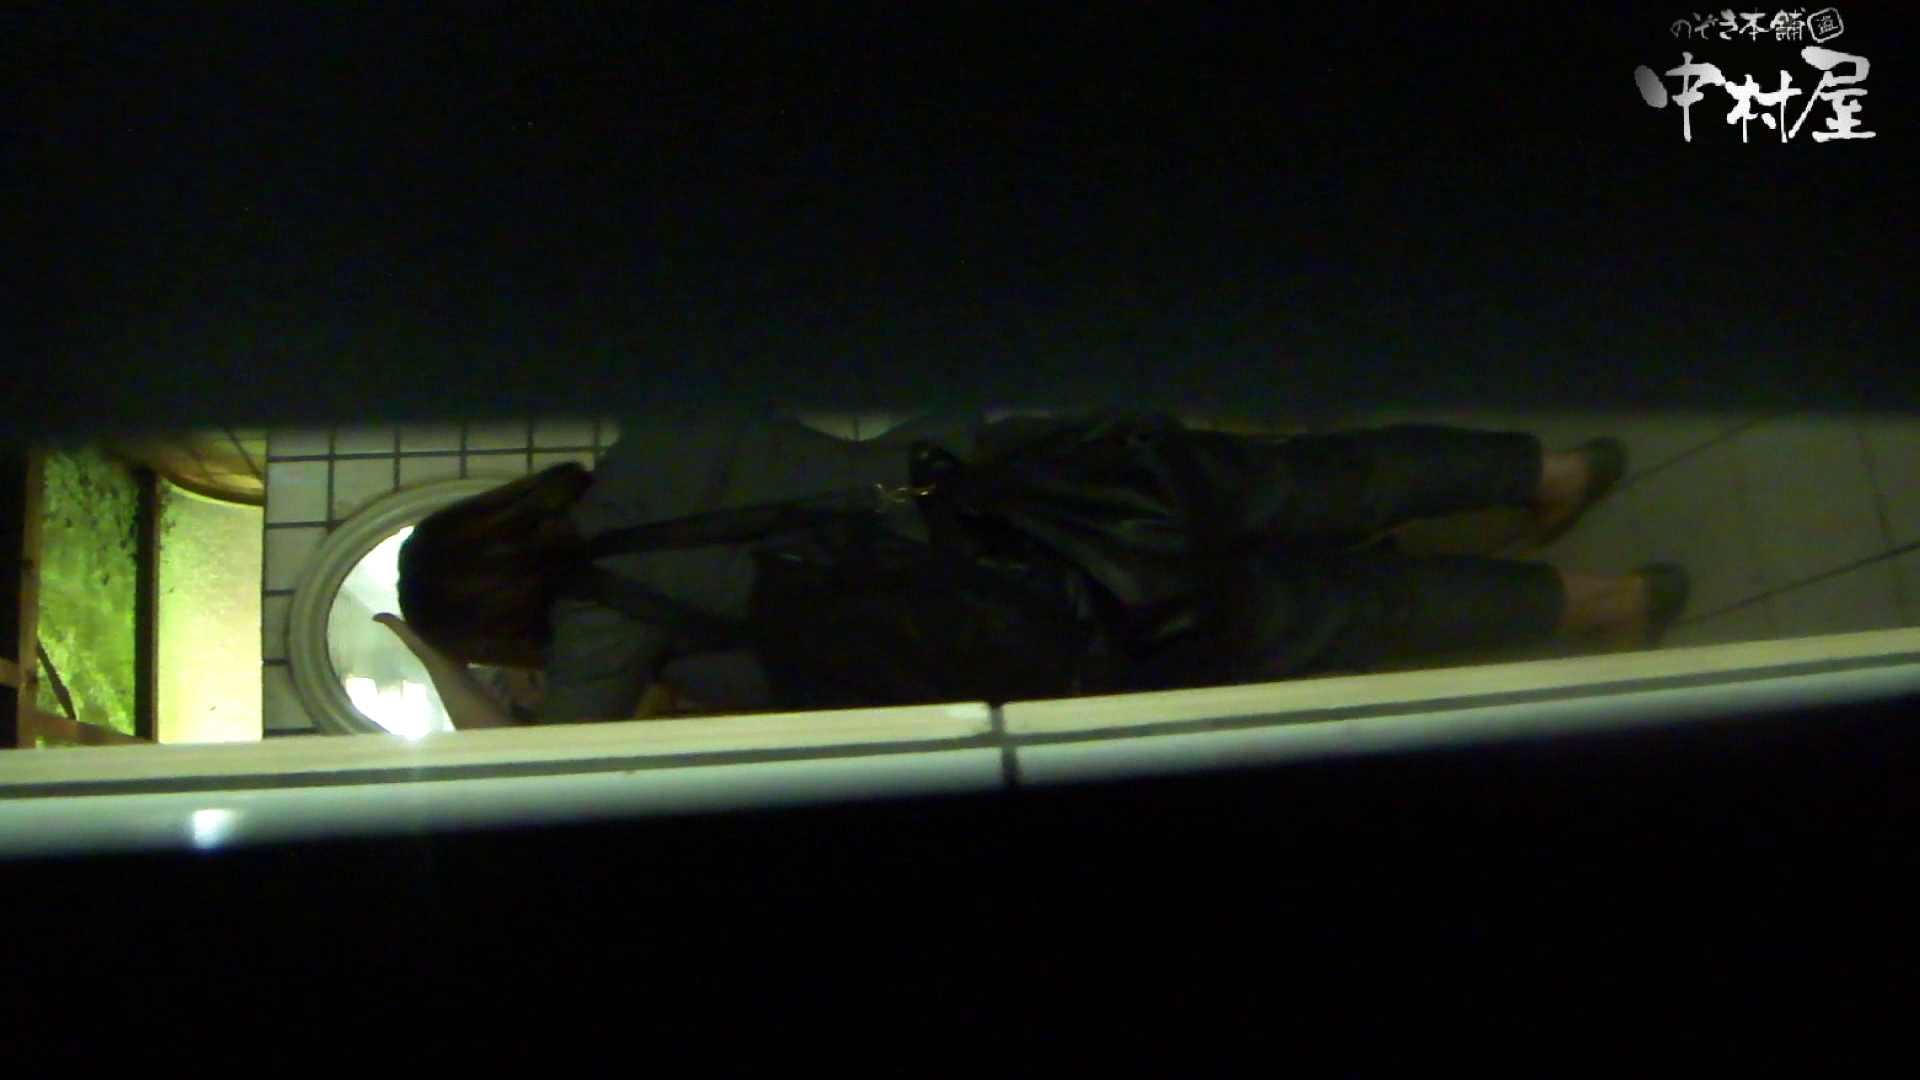 【美人が集まるファッションショッピングセンター洗面所盗SATU】ギャルのツルピカ潜入盗satu!Vol.09 高画質 隠し撮りオマンコ動画紹介 81連発 19